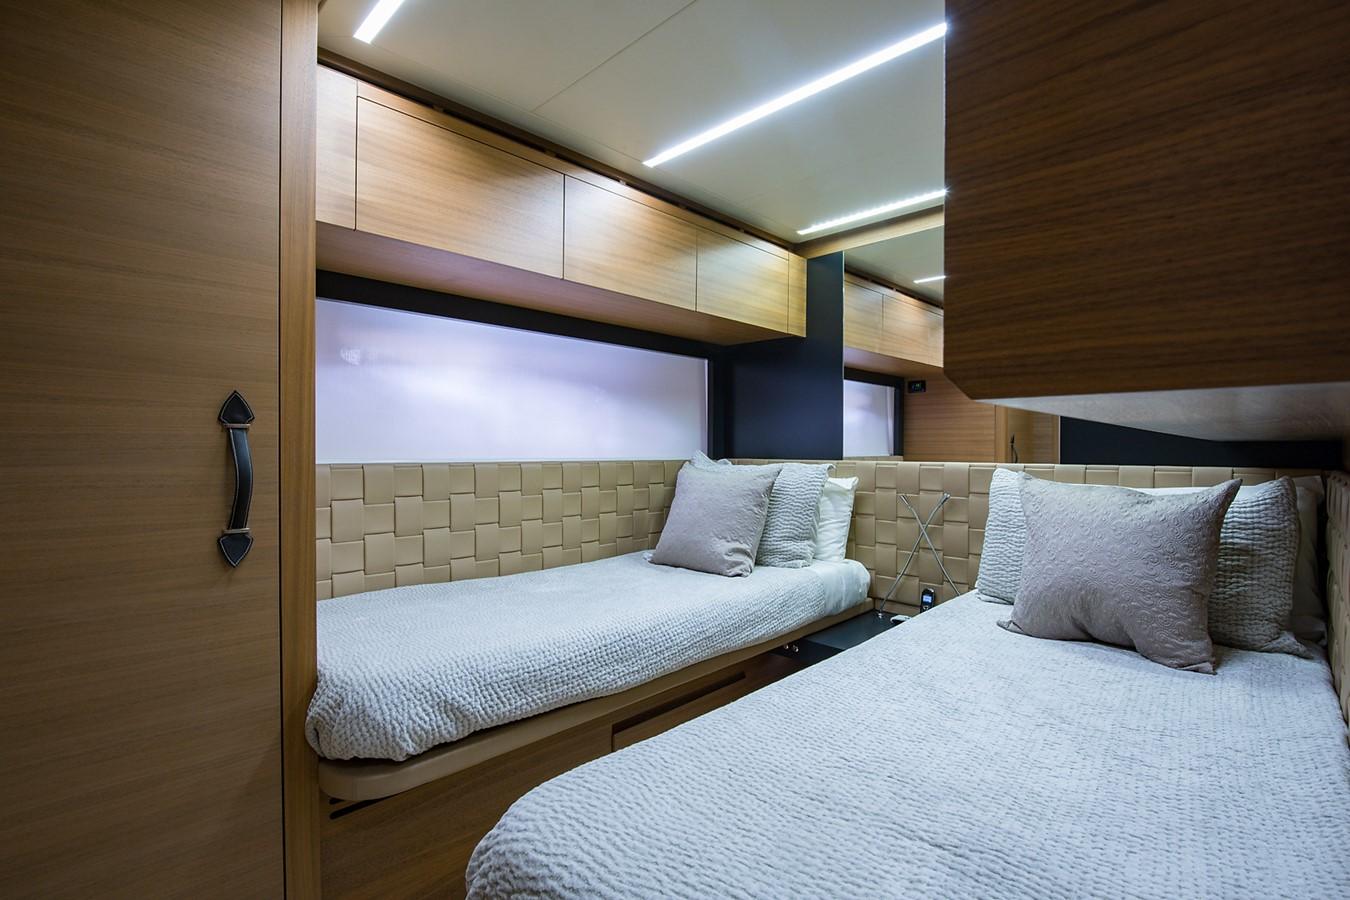 2012 PERSHING Express Cruiser Motor Yacht 2375821